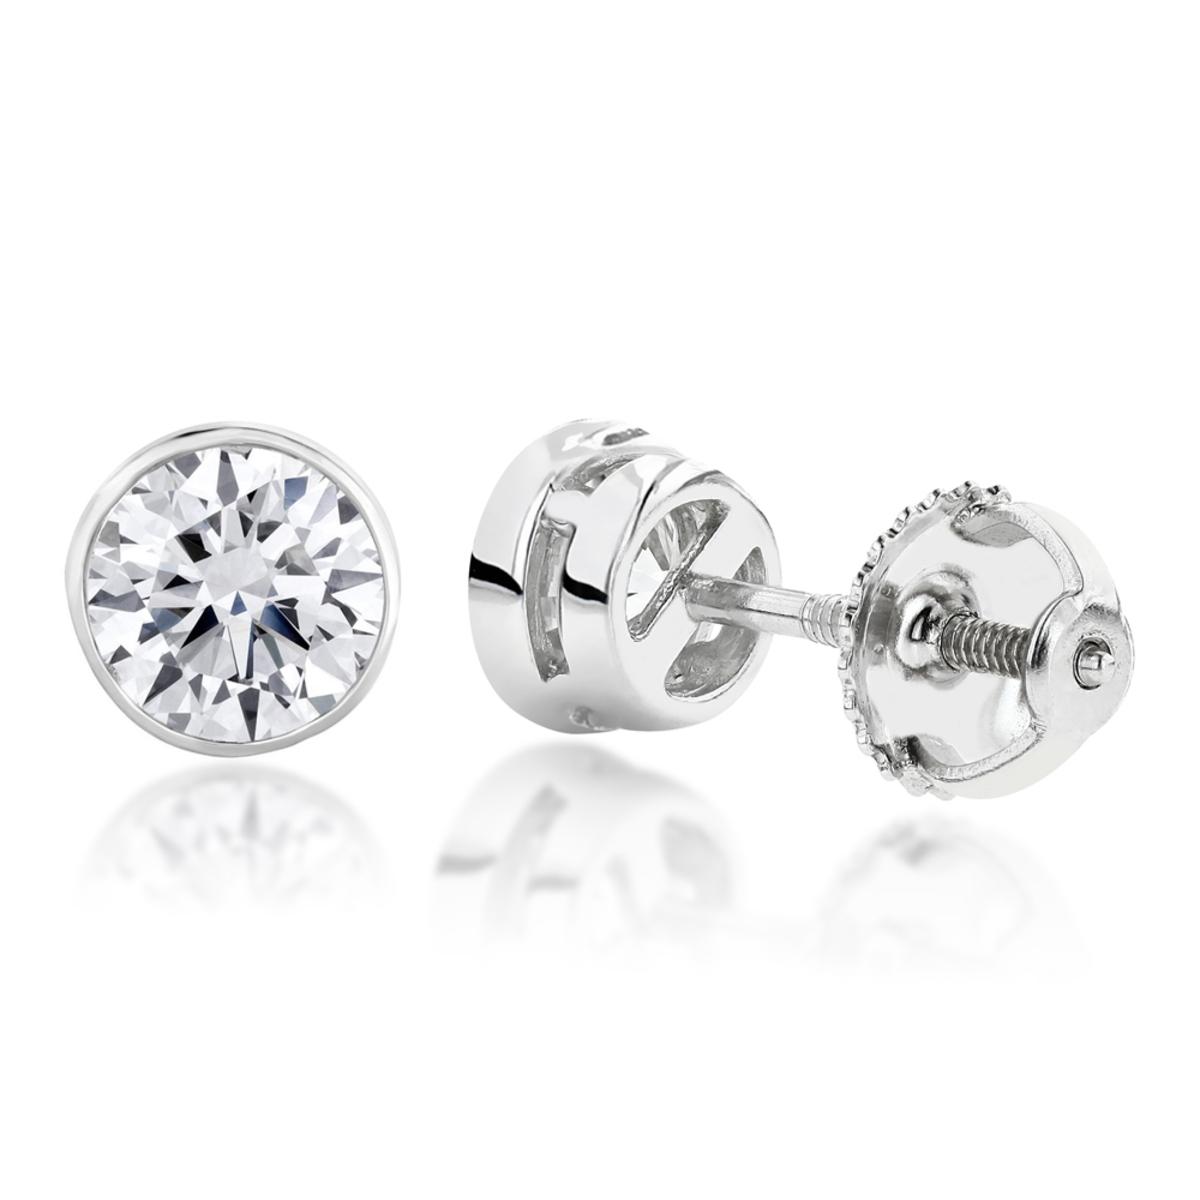 14K Bezel Set Diamond Stud Earrings Round Cut 0.75ct